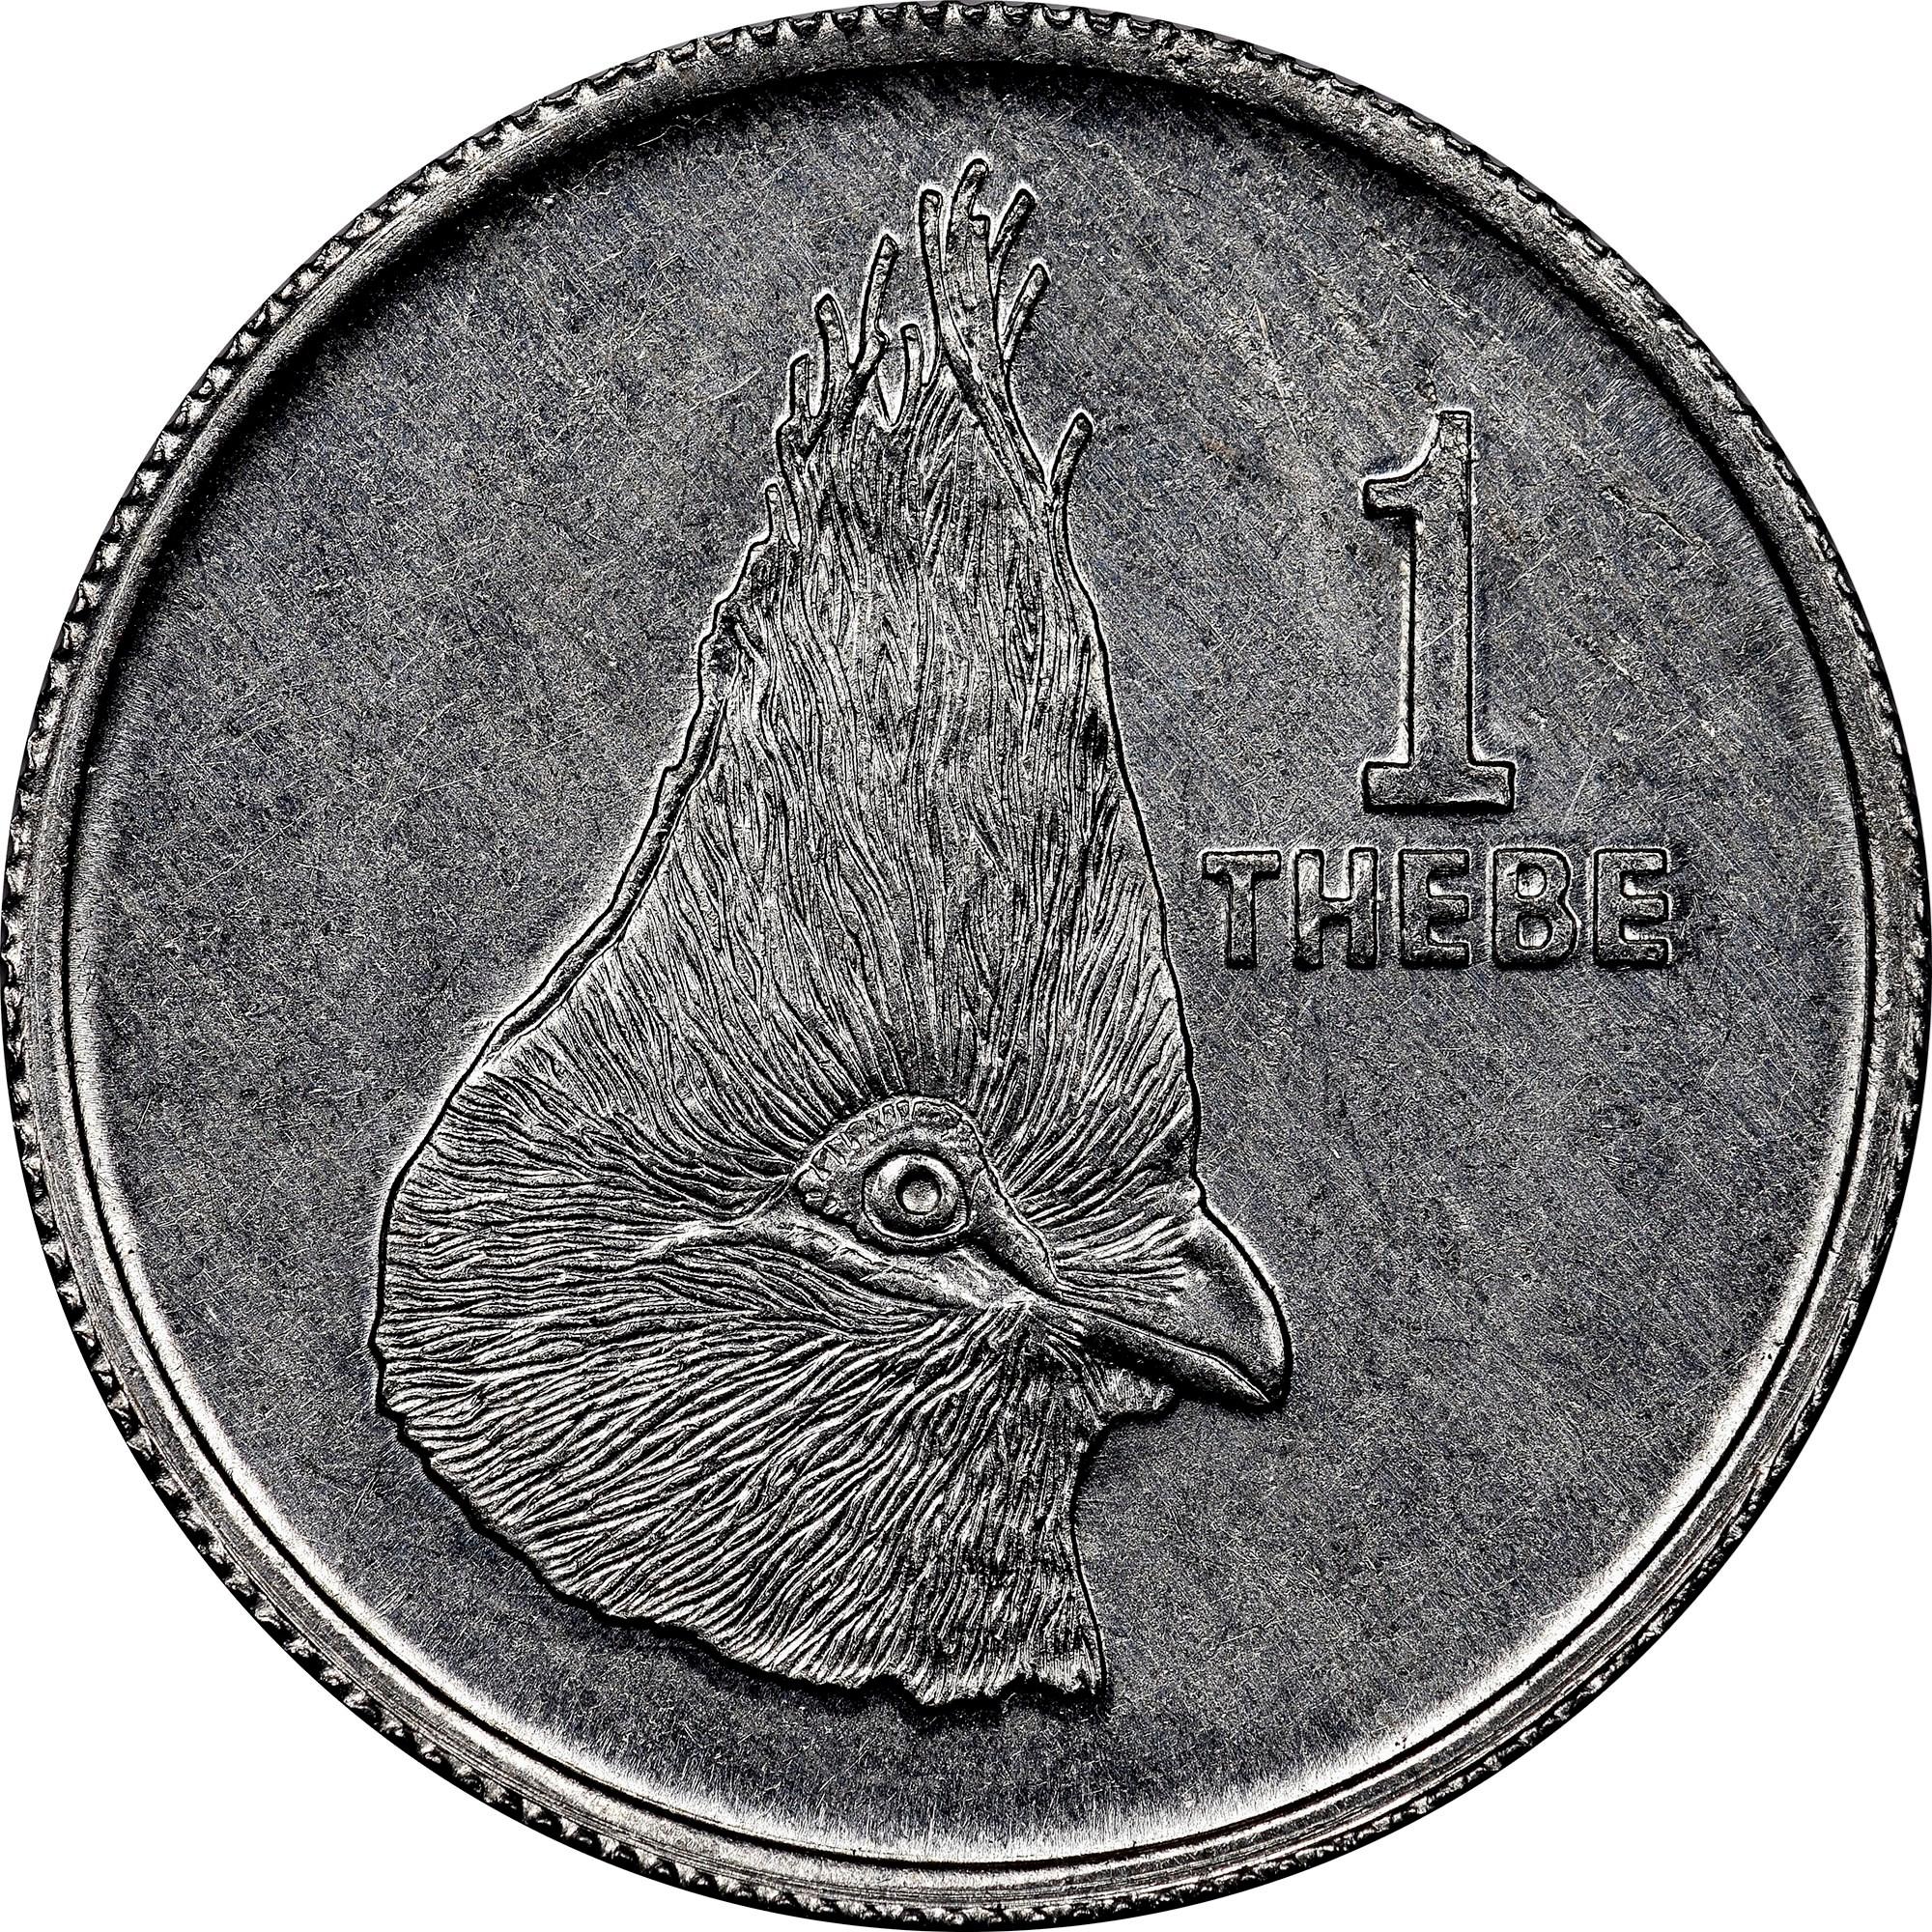 Botswana Thebe reverse